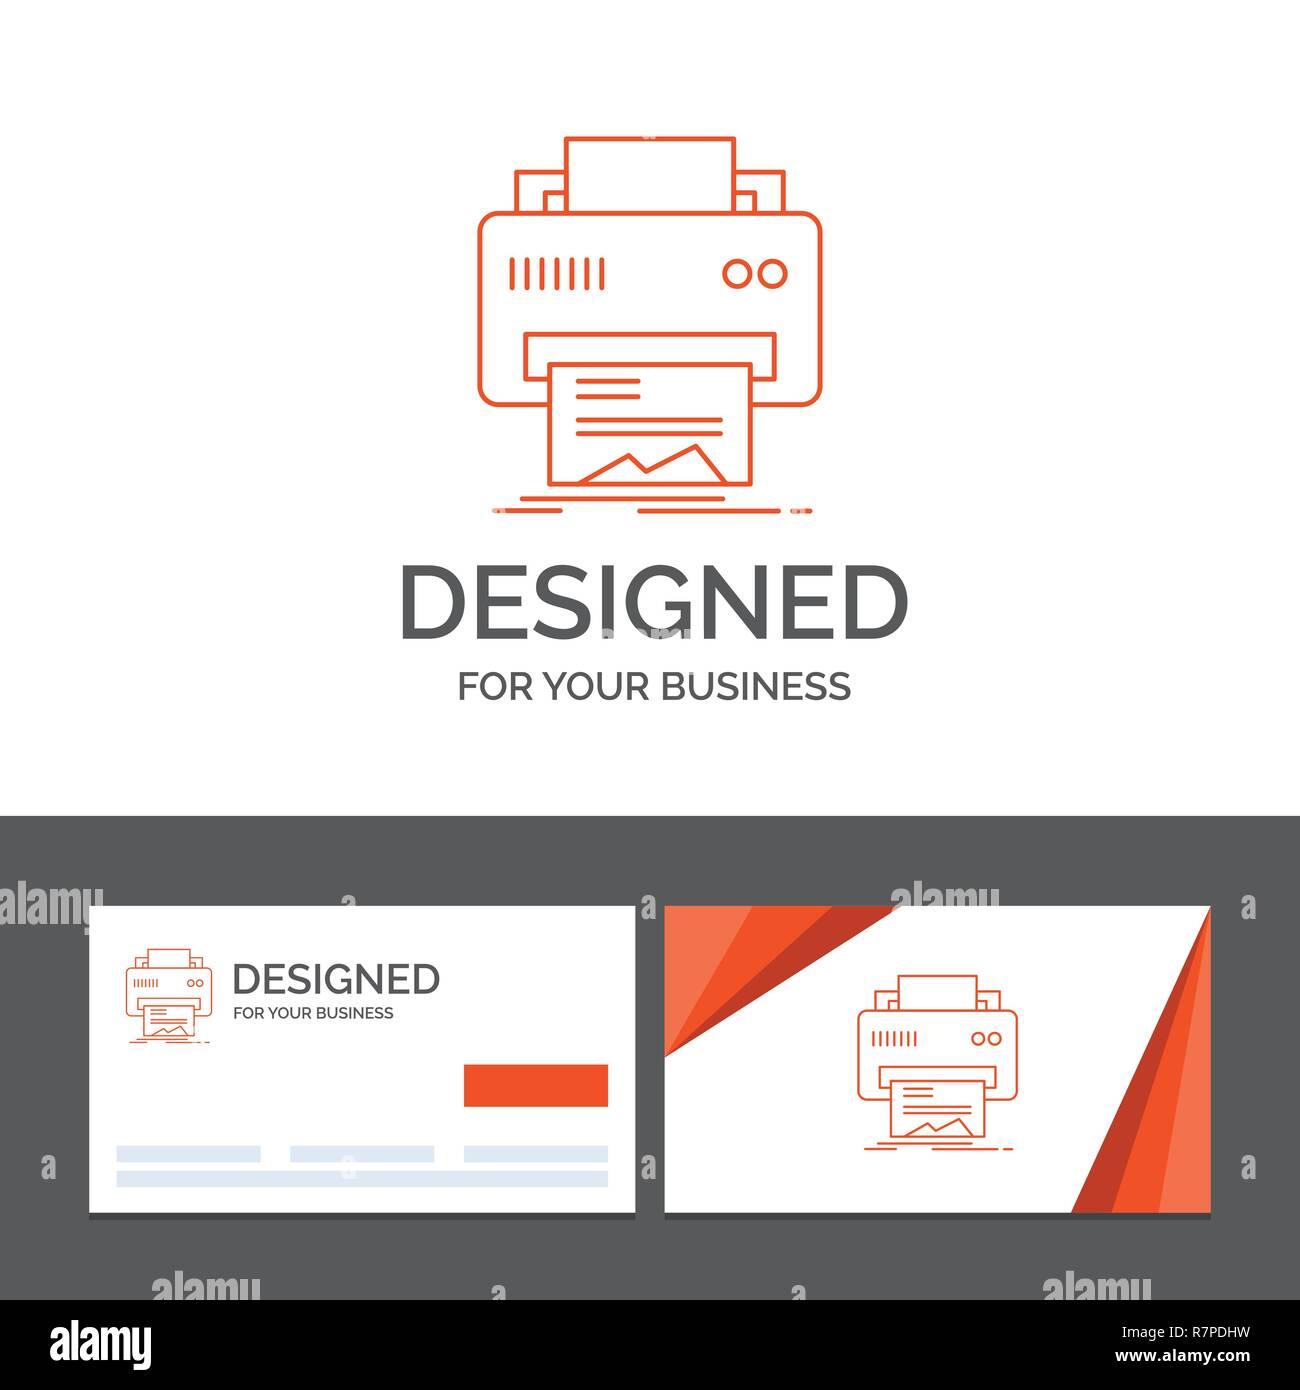 Modele De Logo Dentreprise Pour Le Numerique Imprimante Impression Materiel Papier Cartes Visite Orange Avec Marque Template